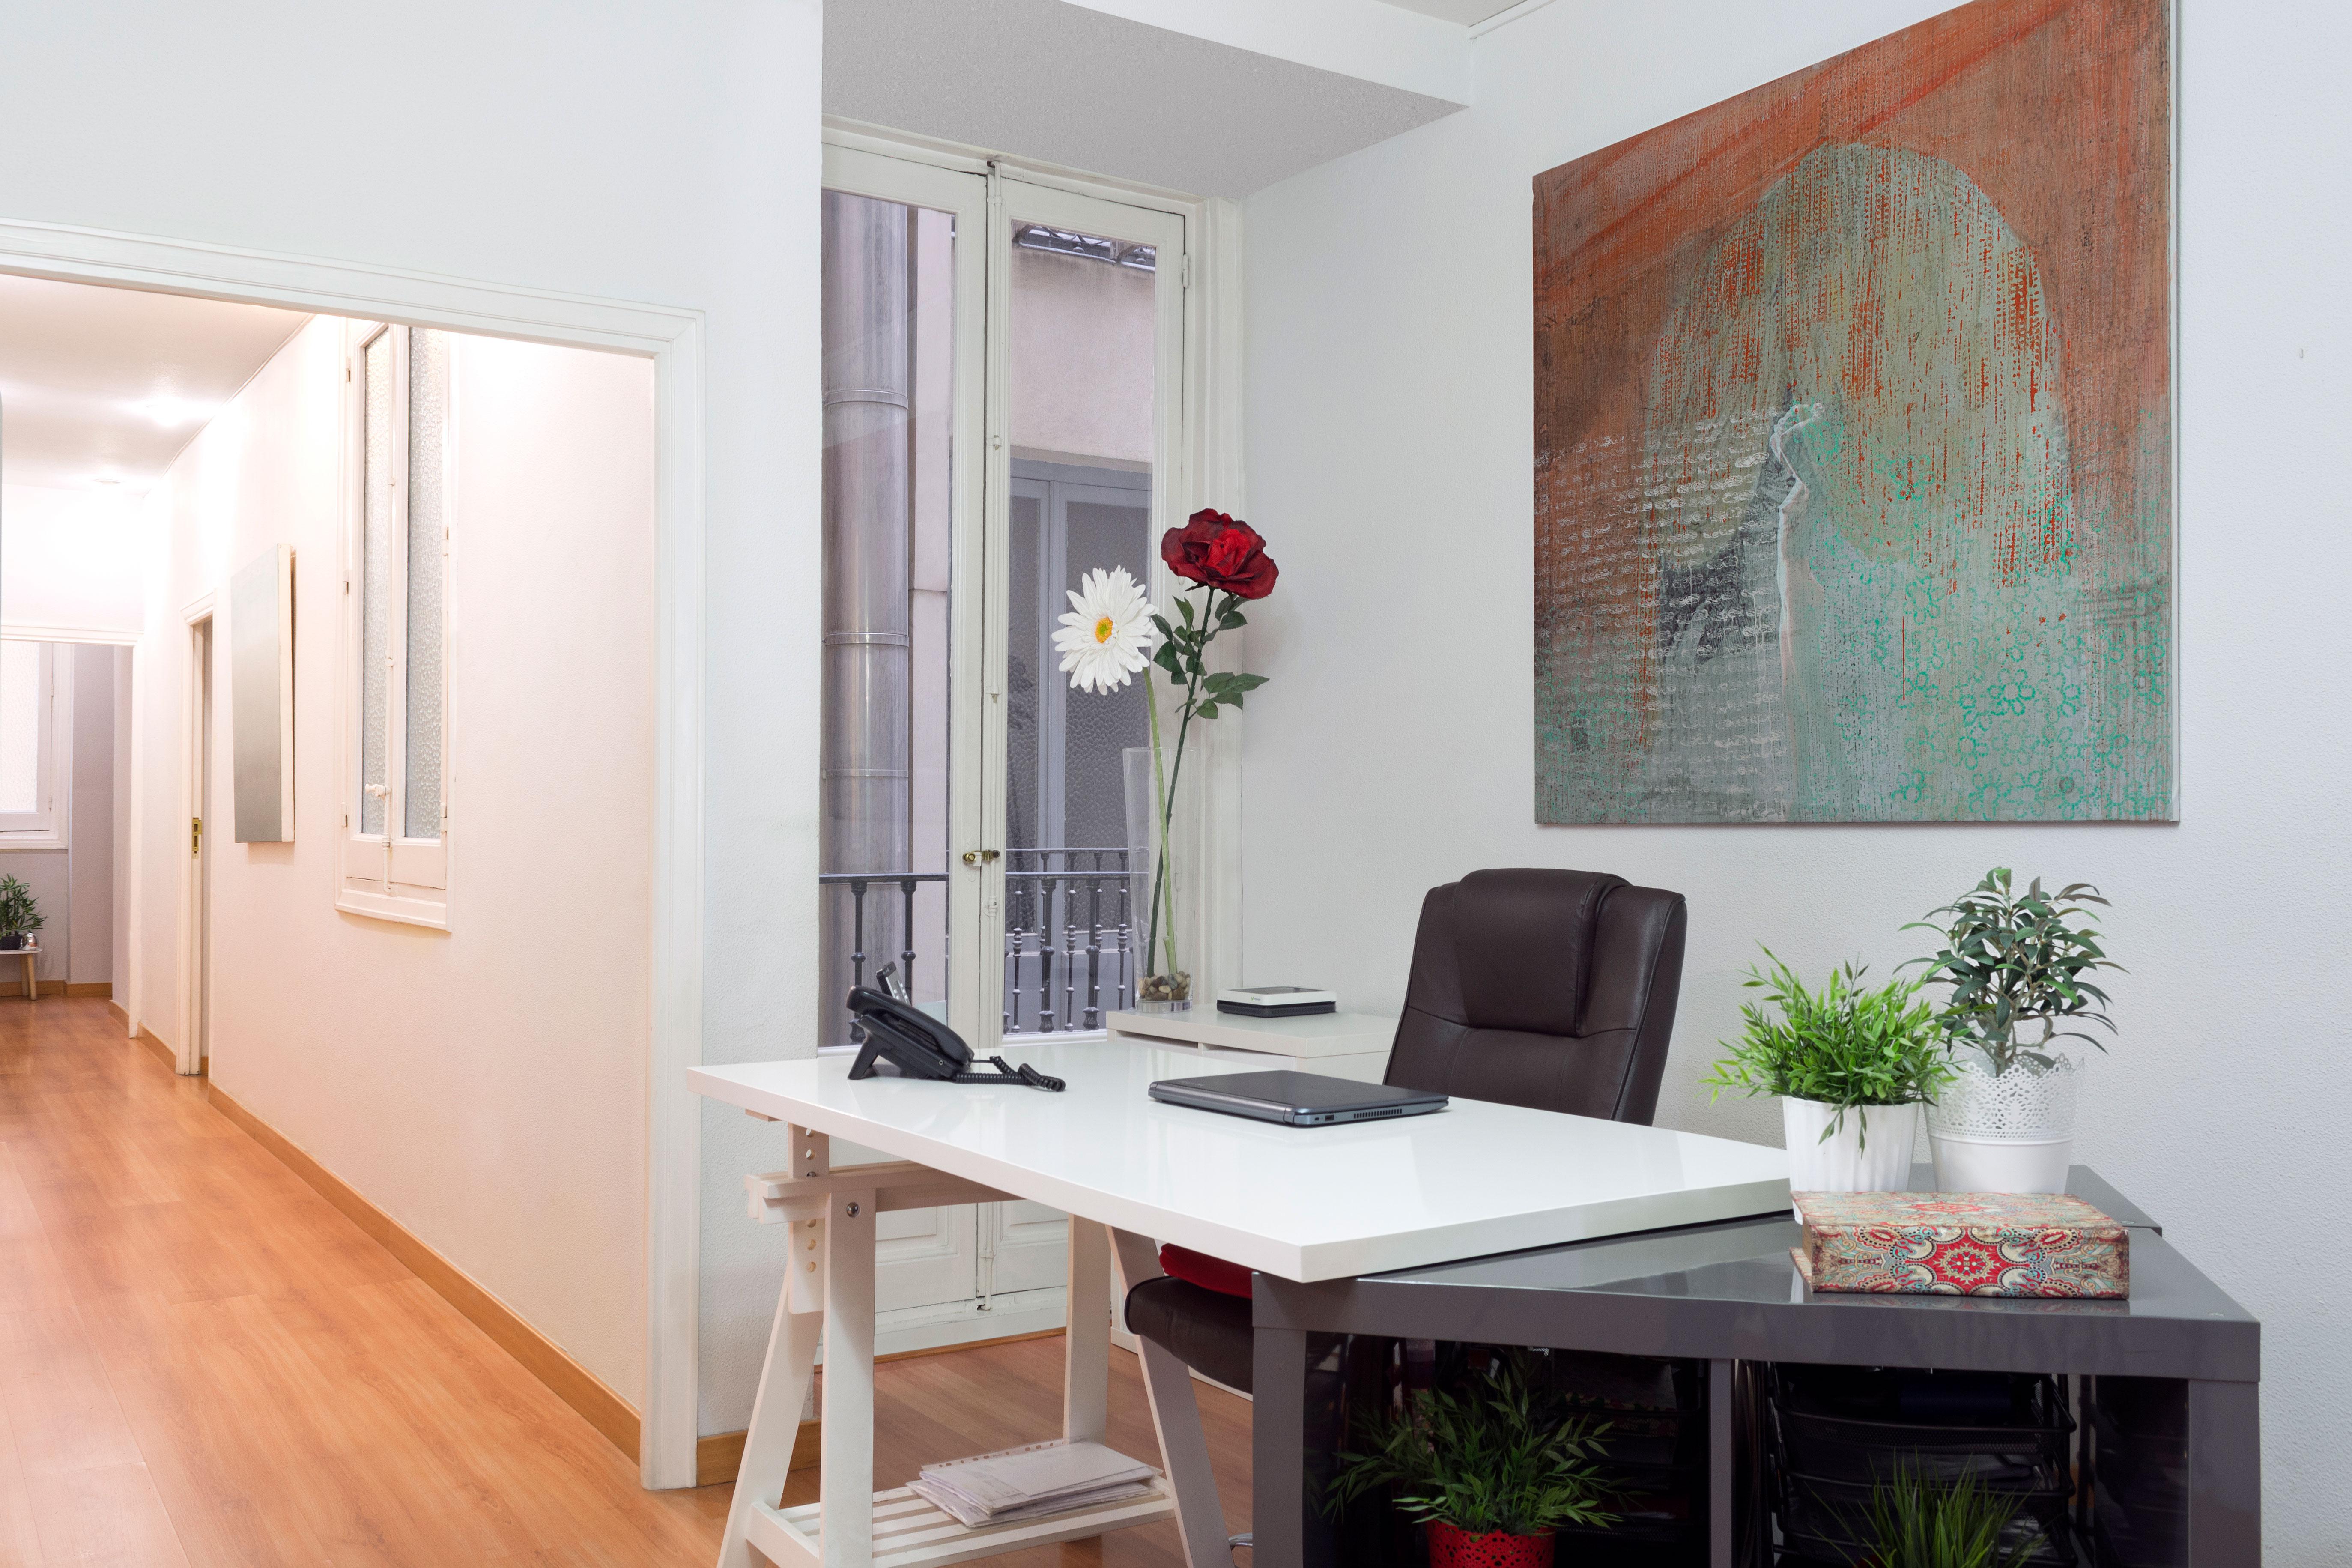 Oficina virtual madrid alquiler de despachos por horas for Horas convenio oficinas y despachos